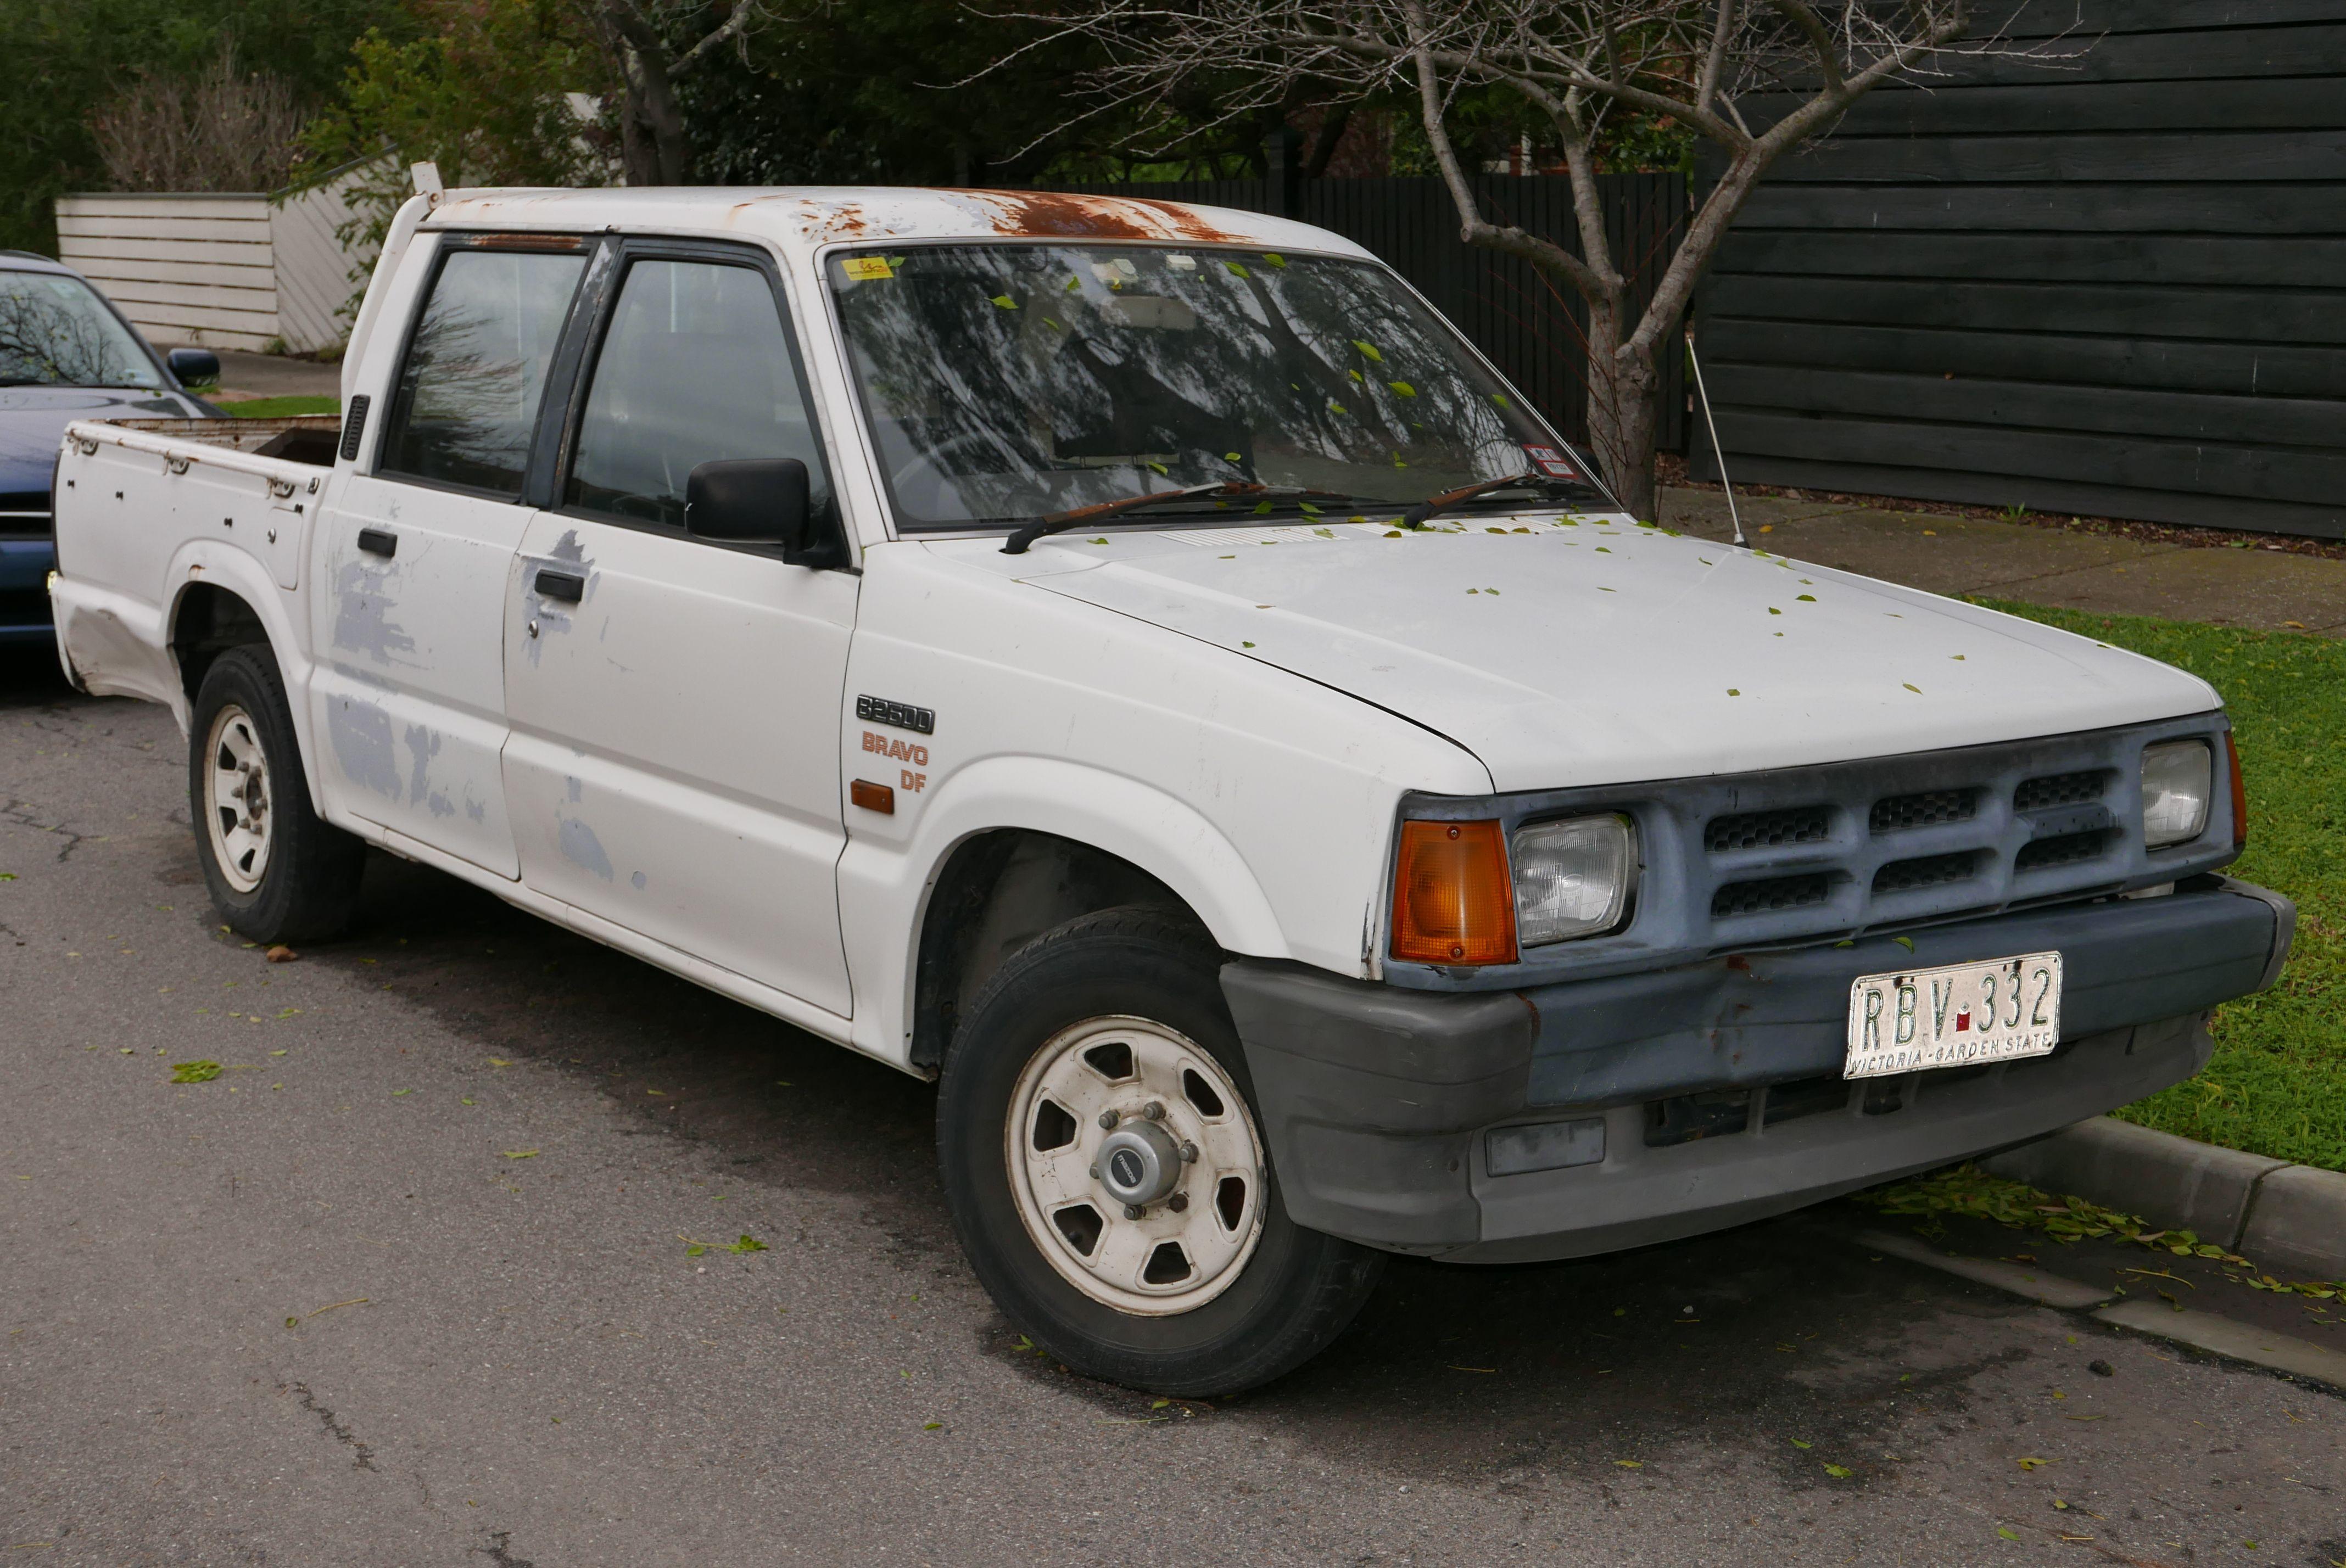 1994 Mazda Bravo B2600 4-door utility